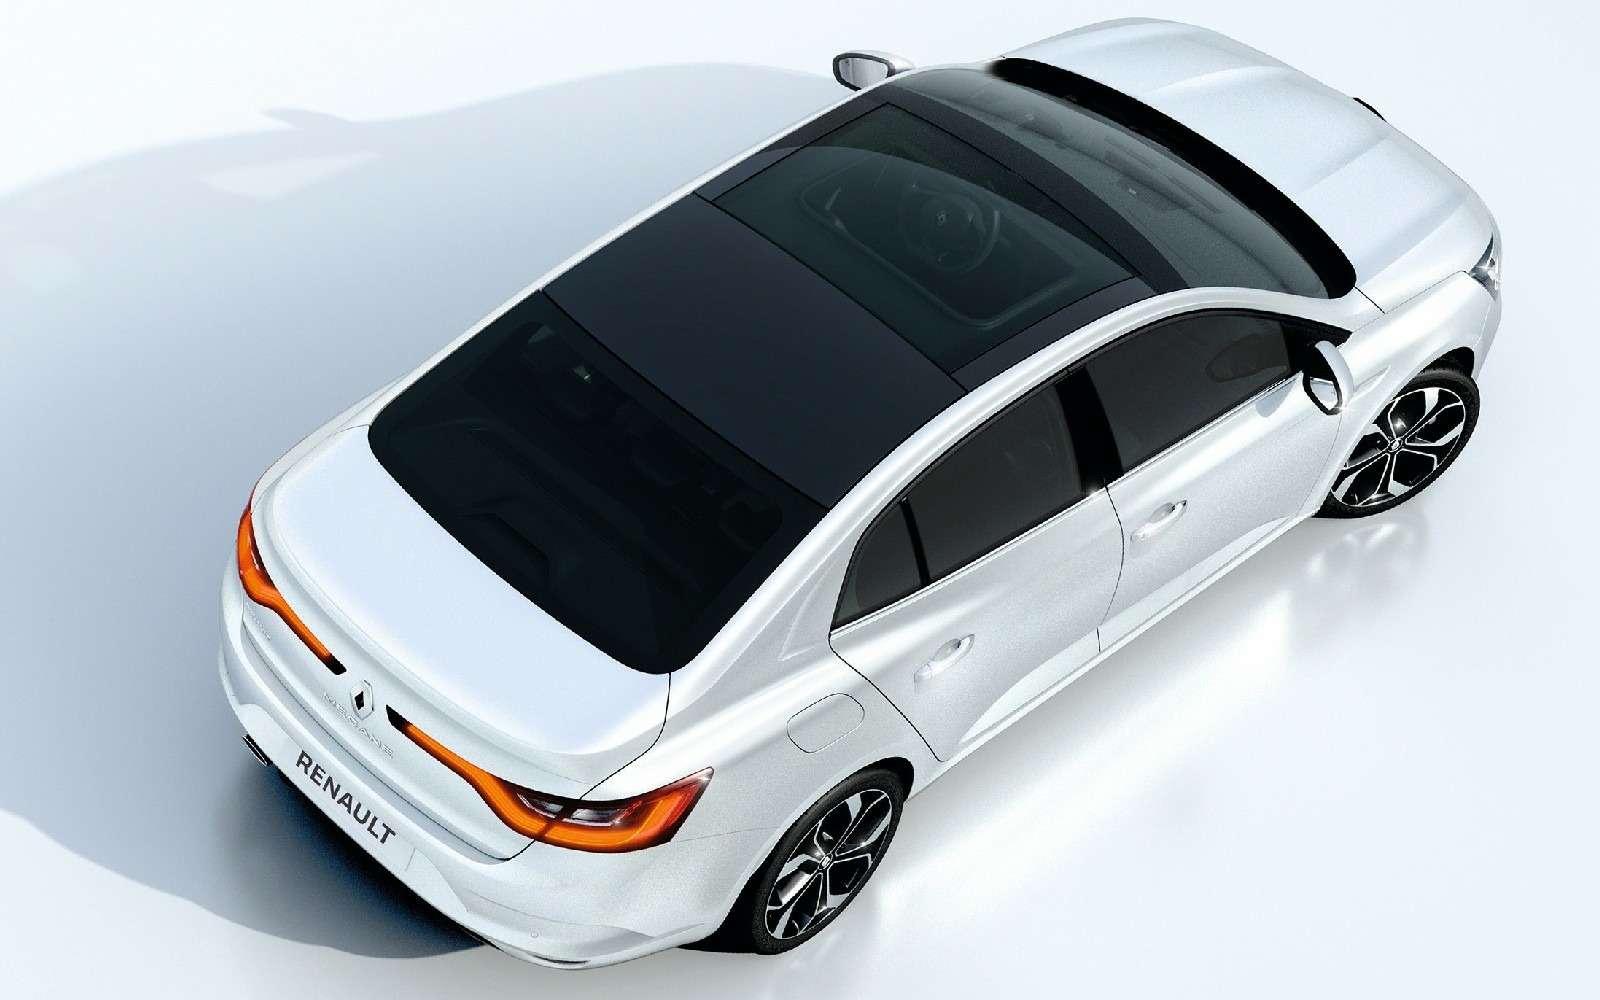 ИзТурции слюбовью: представлен новый седан Renault Megane— фото 607493